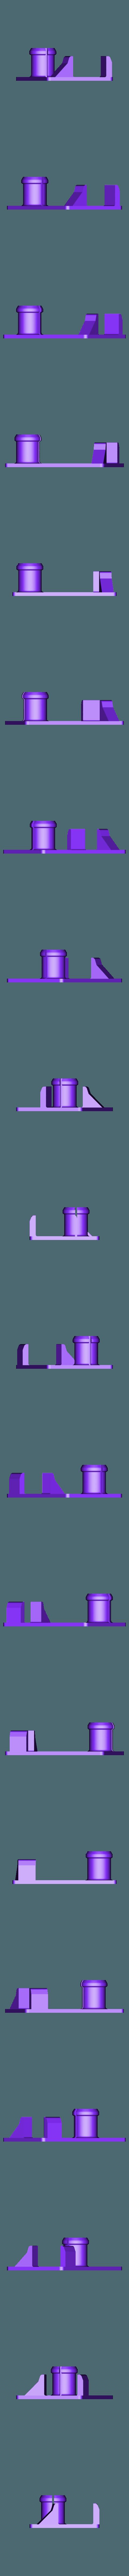 Meepo.stl Download free STL file Meepo Board Remote holder • Model to 3D print, Domi1988